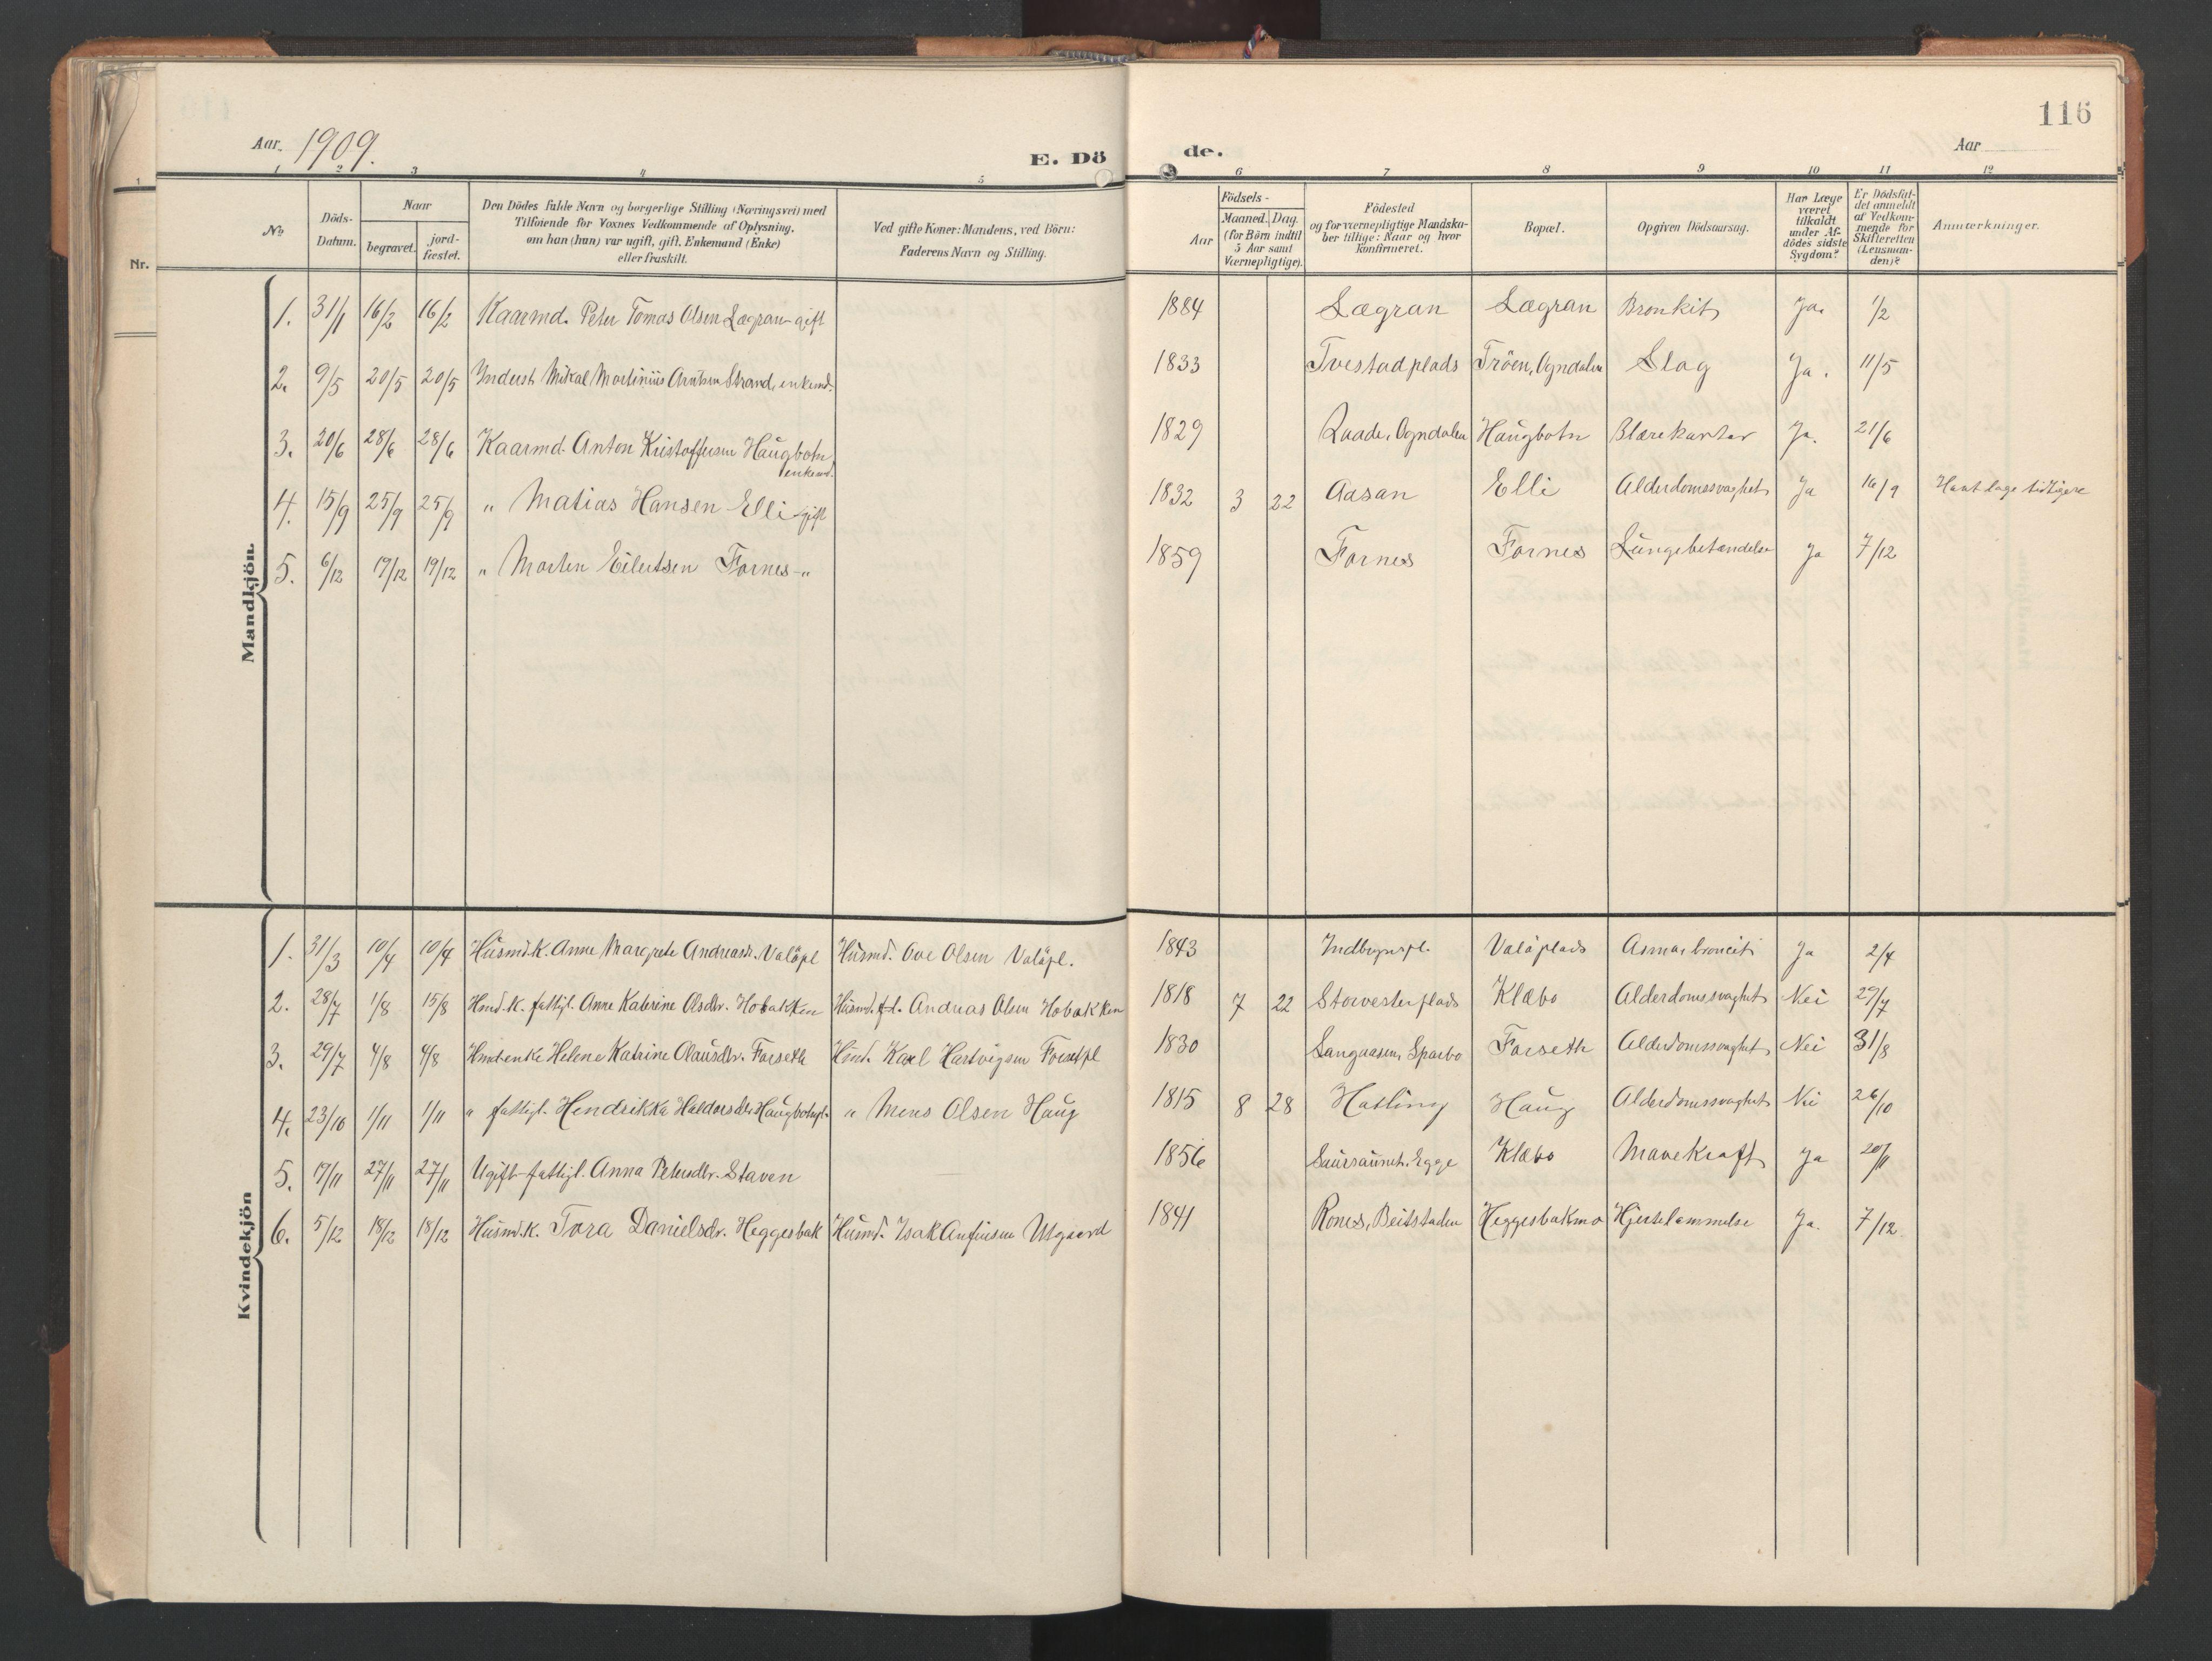 SAT, Ministerialprotokoller, klokkerbøker og fødselsregistre - Nord-Trøndelag, 746/L0455: Klokkerbok nr. 746C01, 1908-1933, s. 116